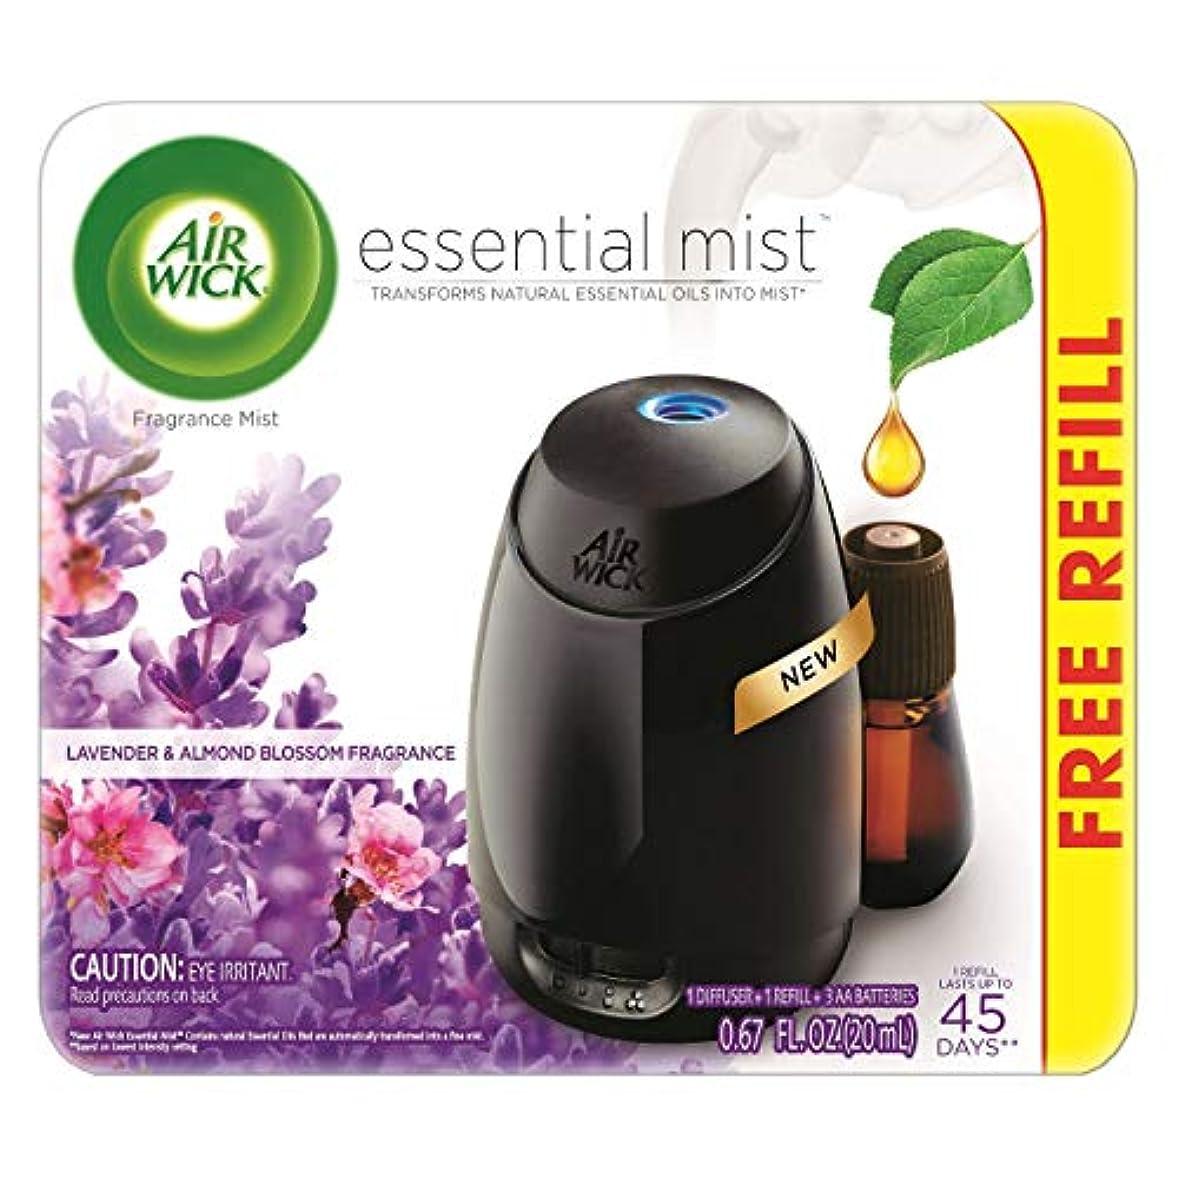 事故幸運な協同Air Wick Fresh Lavender & Almond Blossom Fragrance Essential エアーウィックフレッシュフレグランスエッセンシャルミスト本体+ ラベンダー&アーモンドブロッサム 芳香剤 20ml 、1パック [並行輸入品]